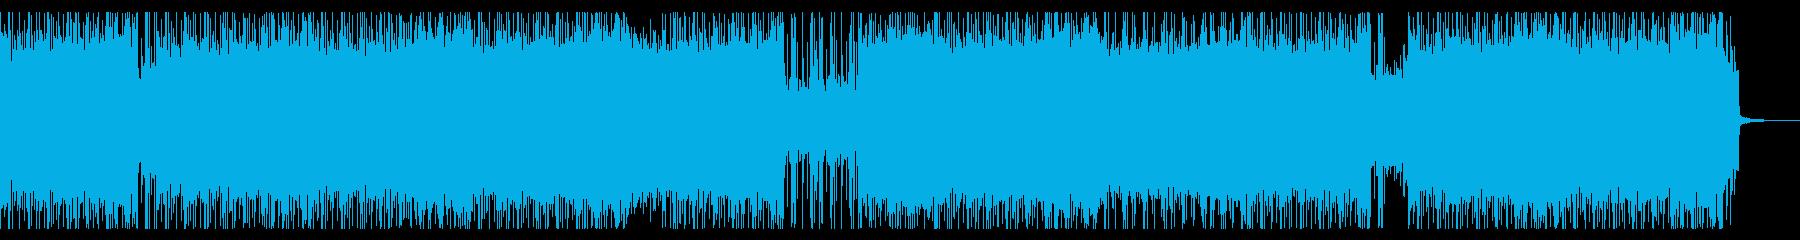 エキサイティングなインパクトとスワ...の再生済みの波形